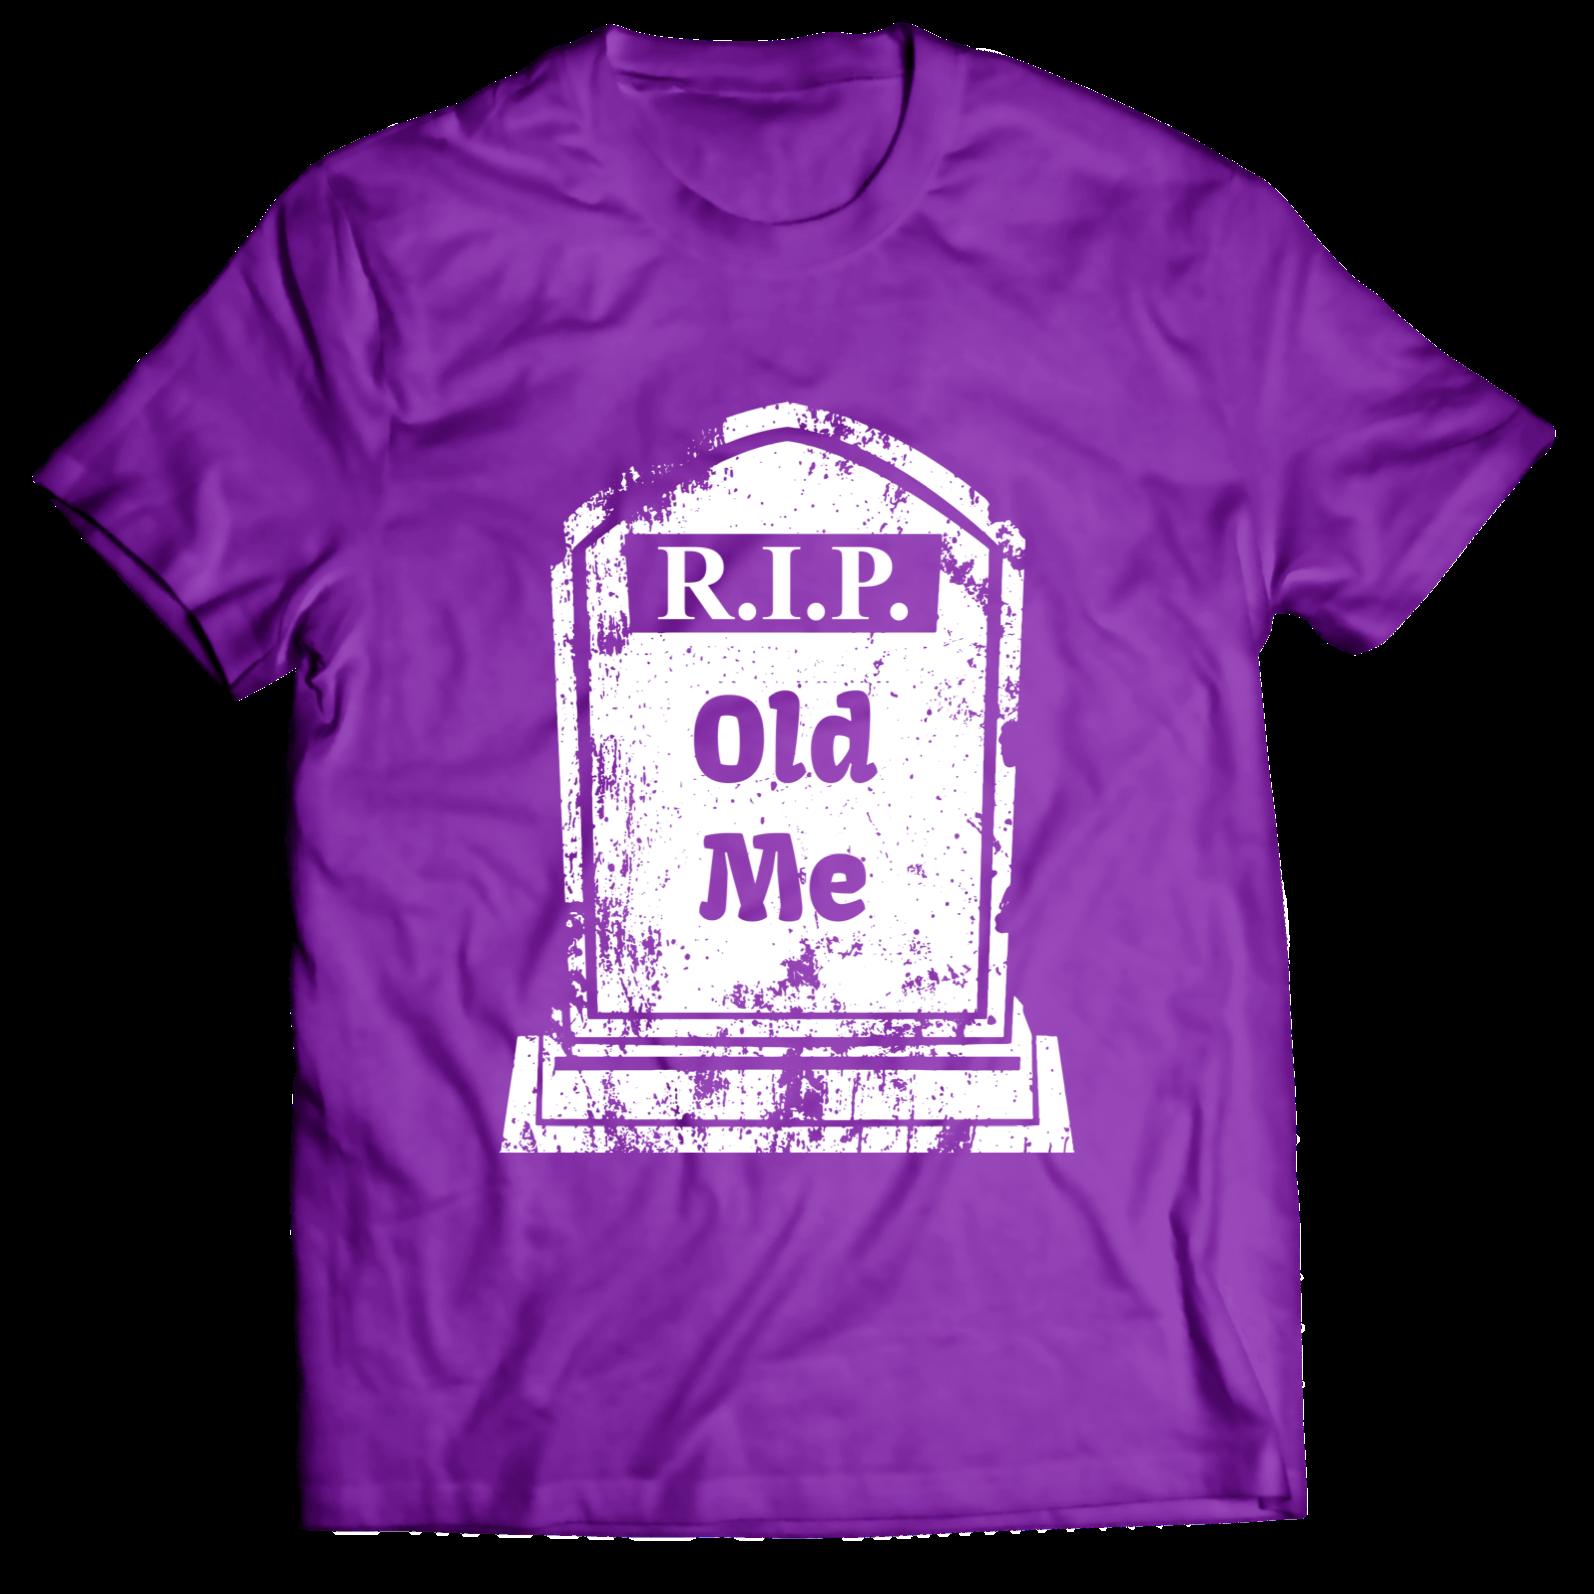 Old Me (purple) 00001